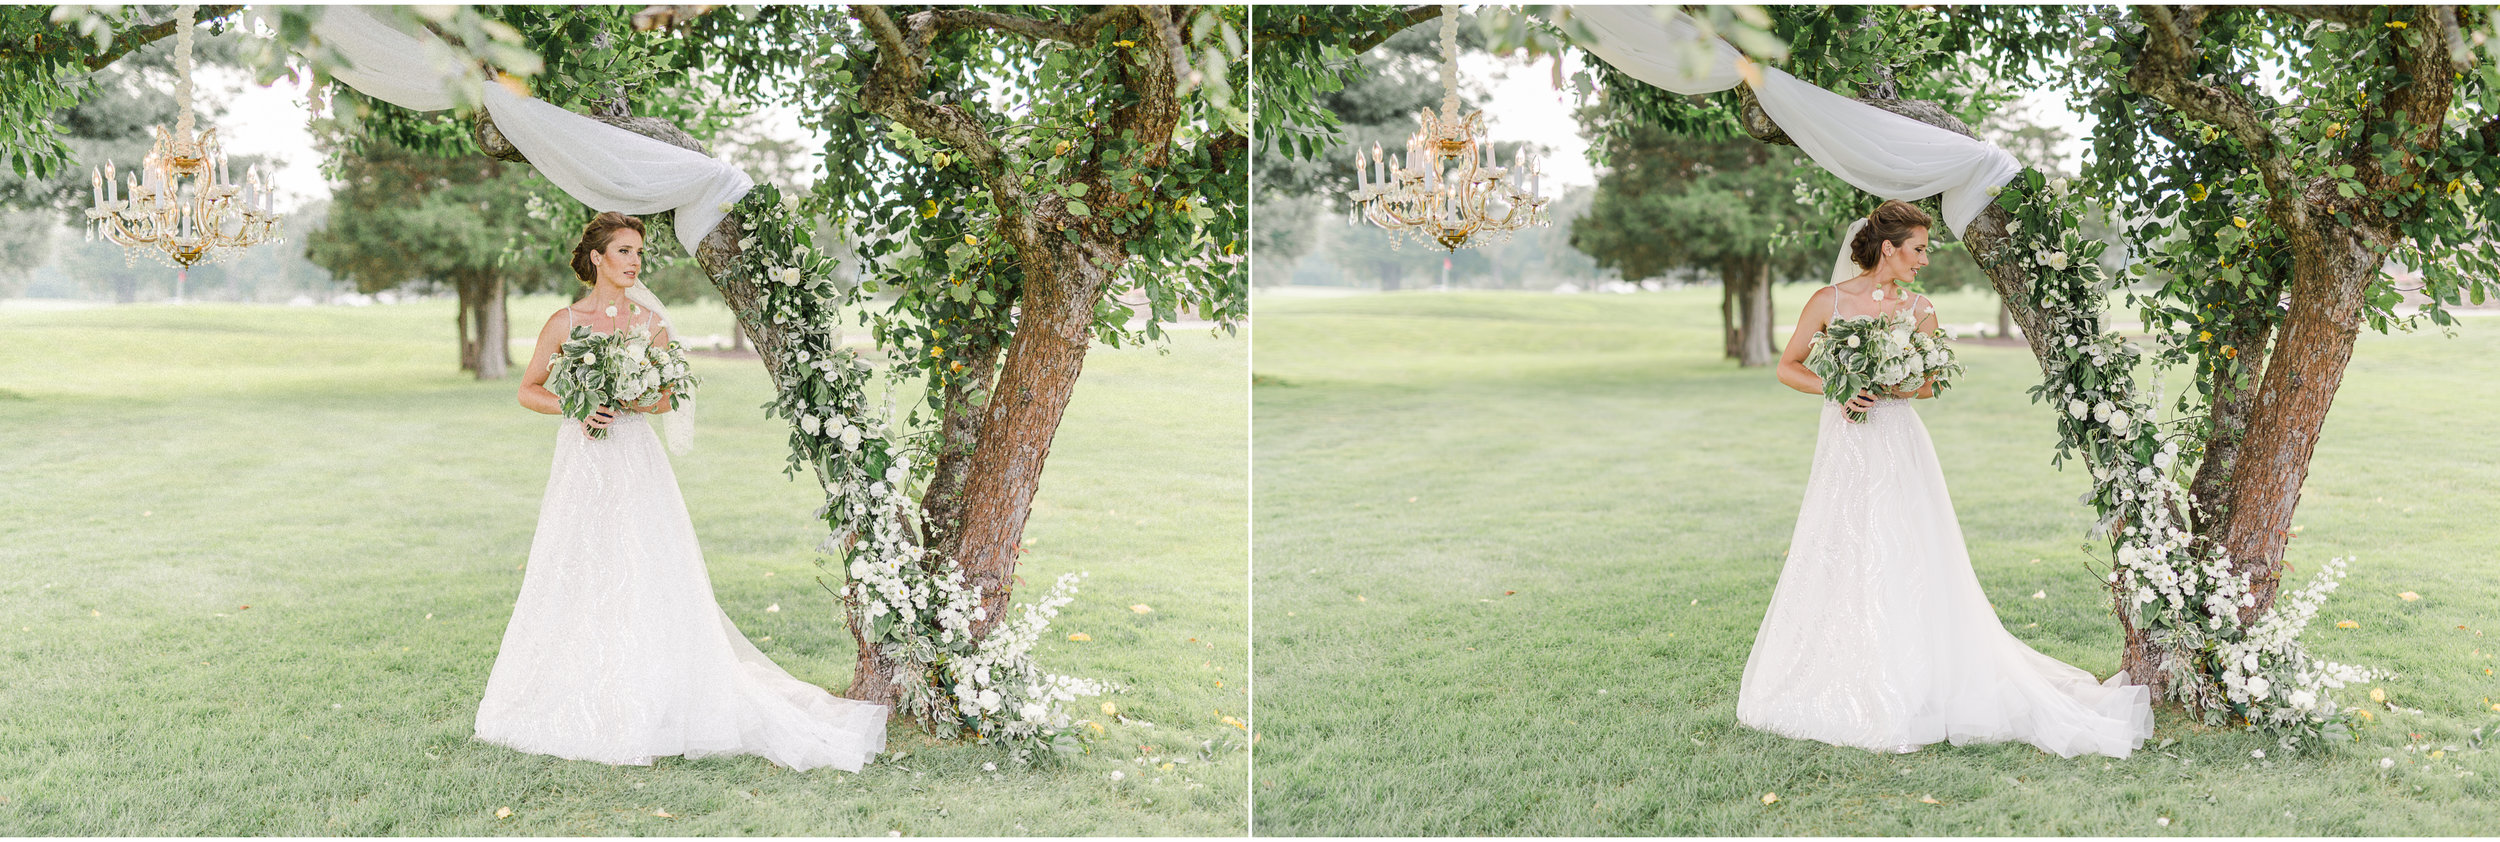 Elegant Wedding Shoot in Sharon, Massachusetts 12.jpg